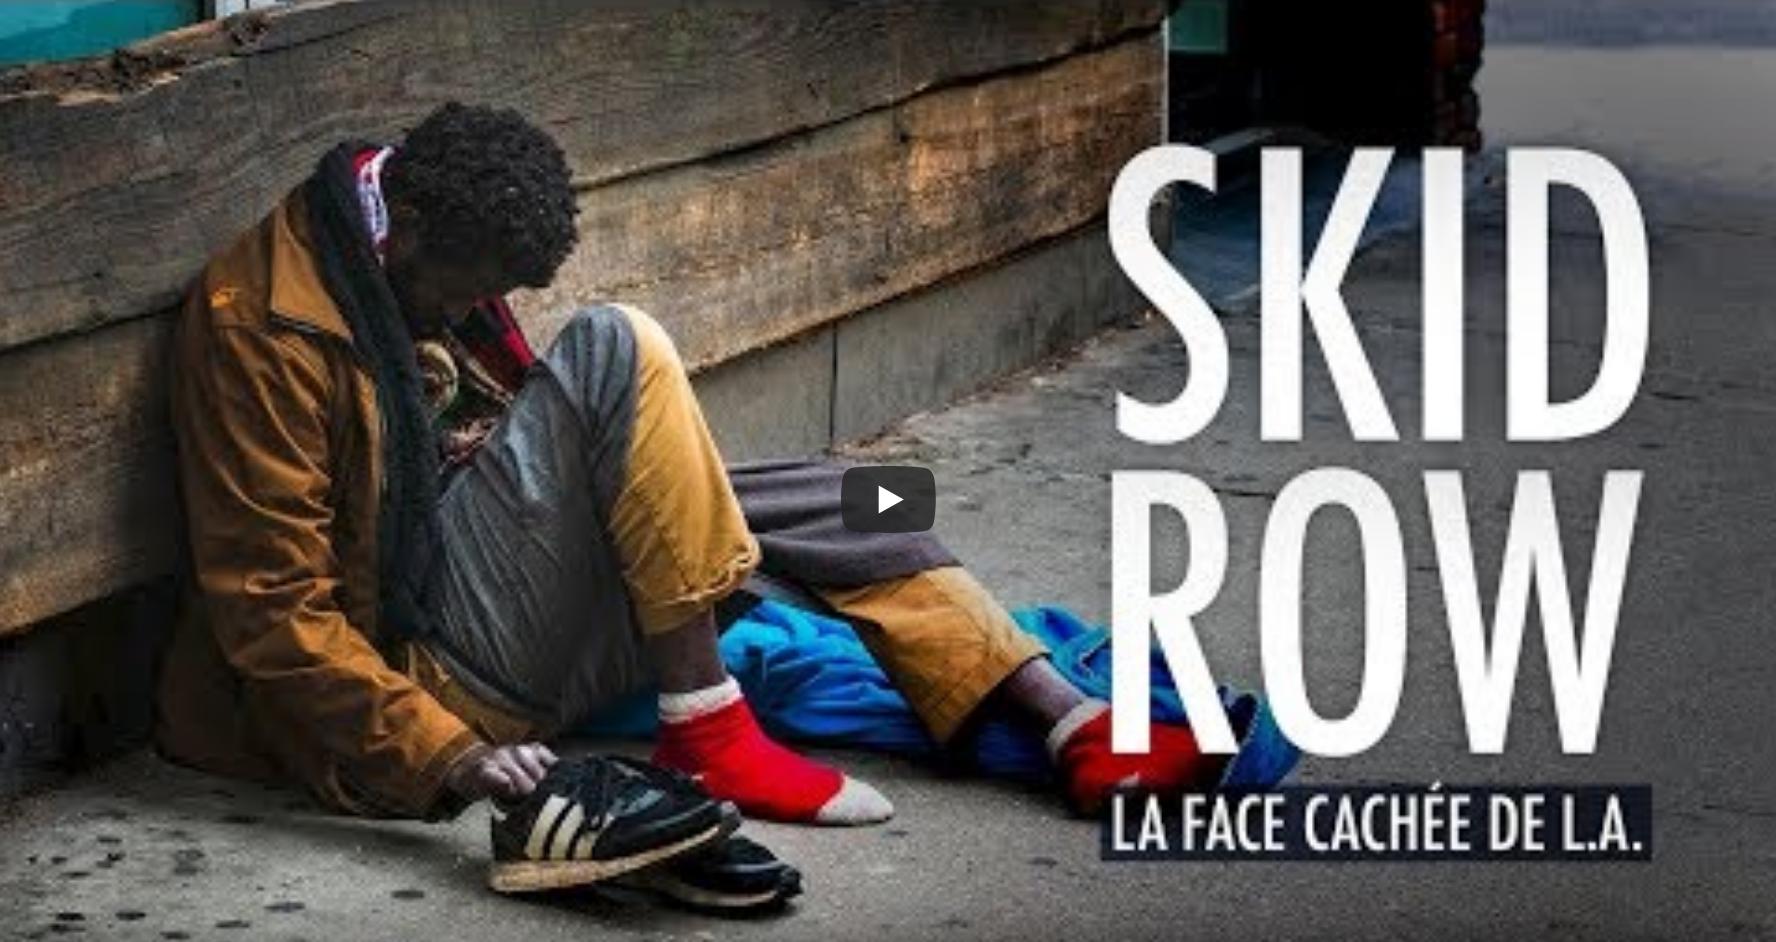 Skid Row, la face cachée de Los Angeles-la-Démocrate/Progressiste/Diverse (REPORTAGE)